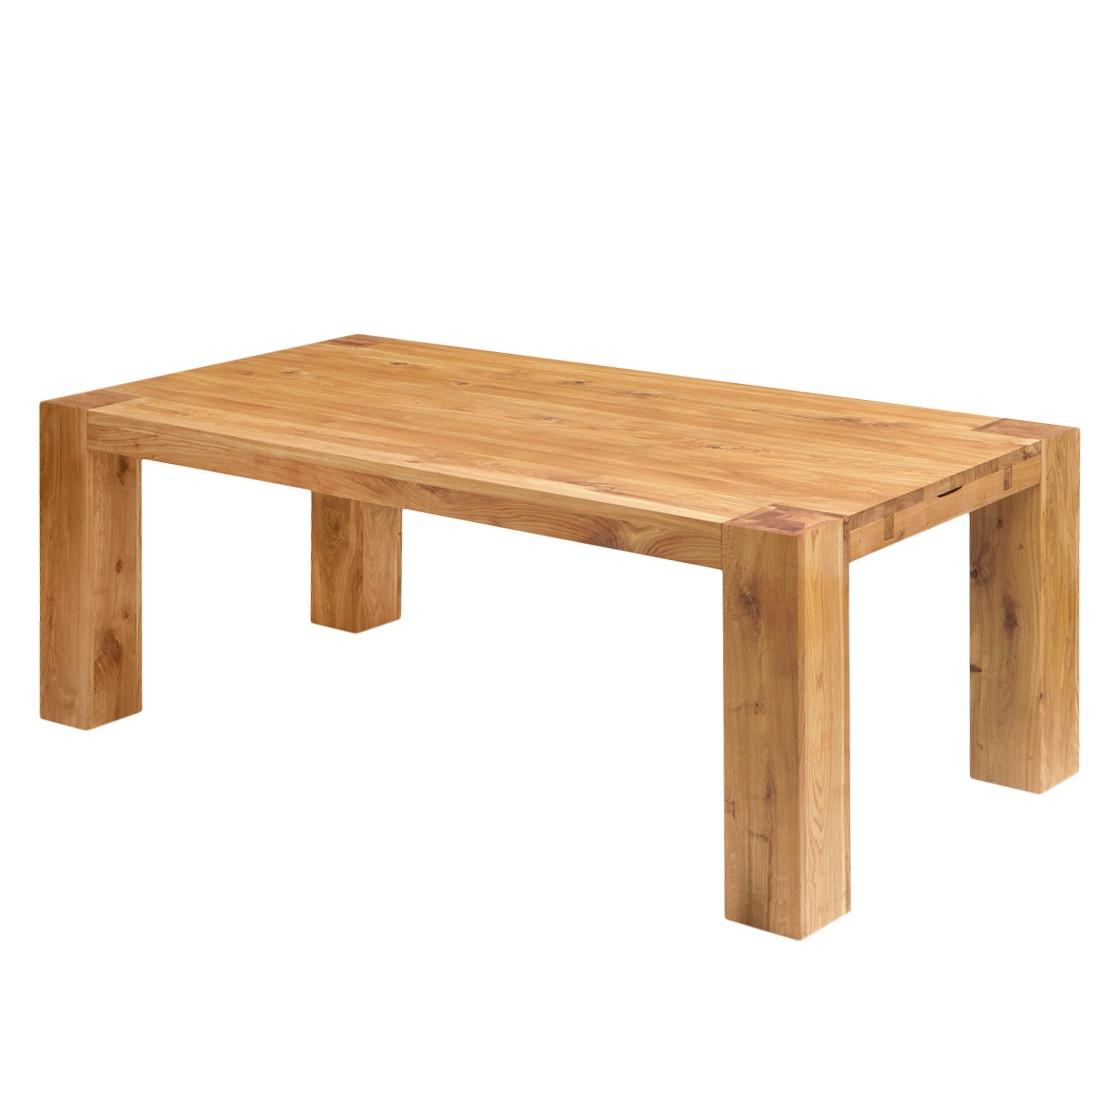 Tisch 100 cm x 260 cm preisvergleich die besten angebote for Esstisch 100 cm